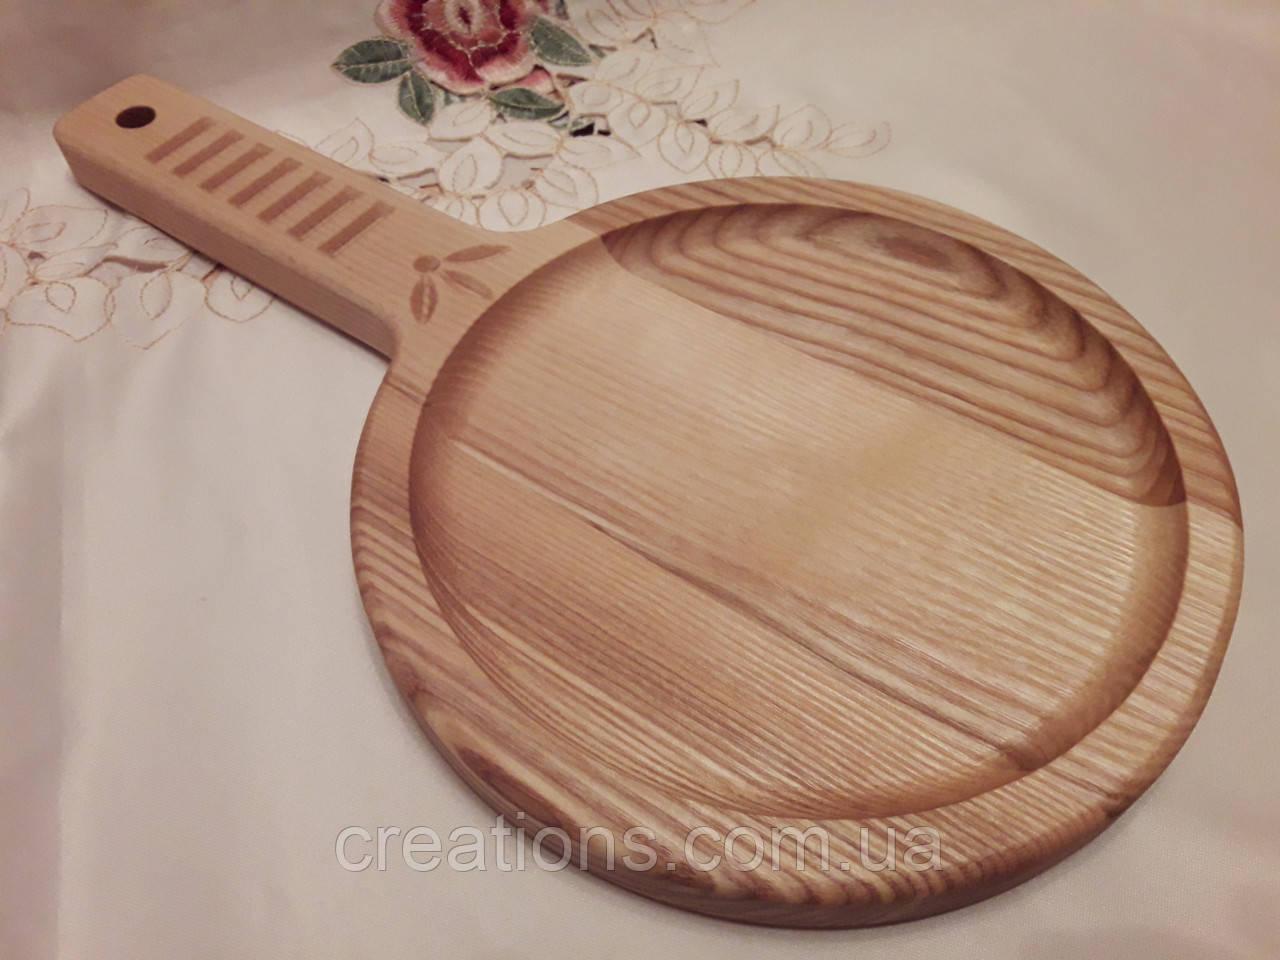 Тарелка деревянная 35х20 см. с декорированной ручкой из черешни, ясеня НМ-44